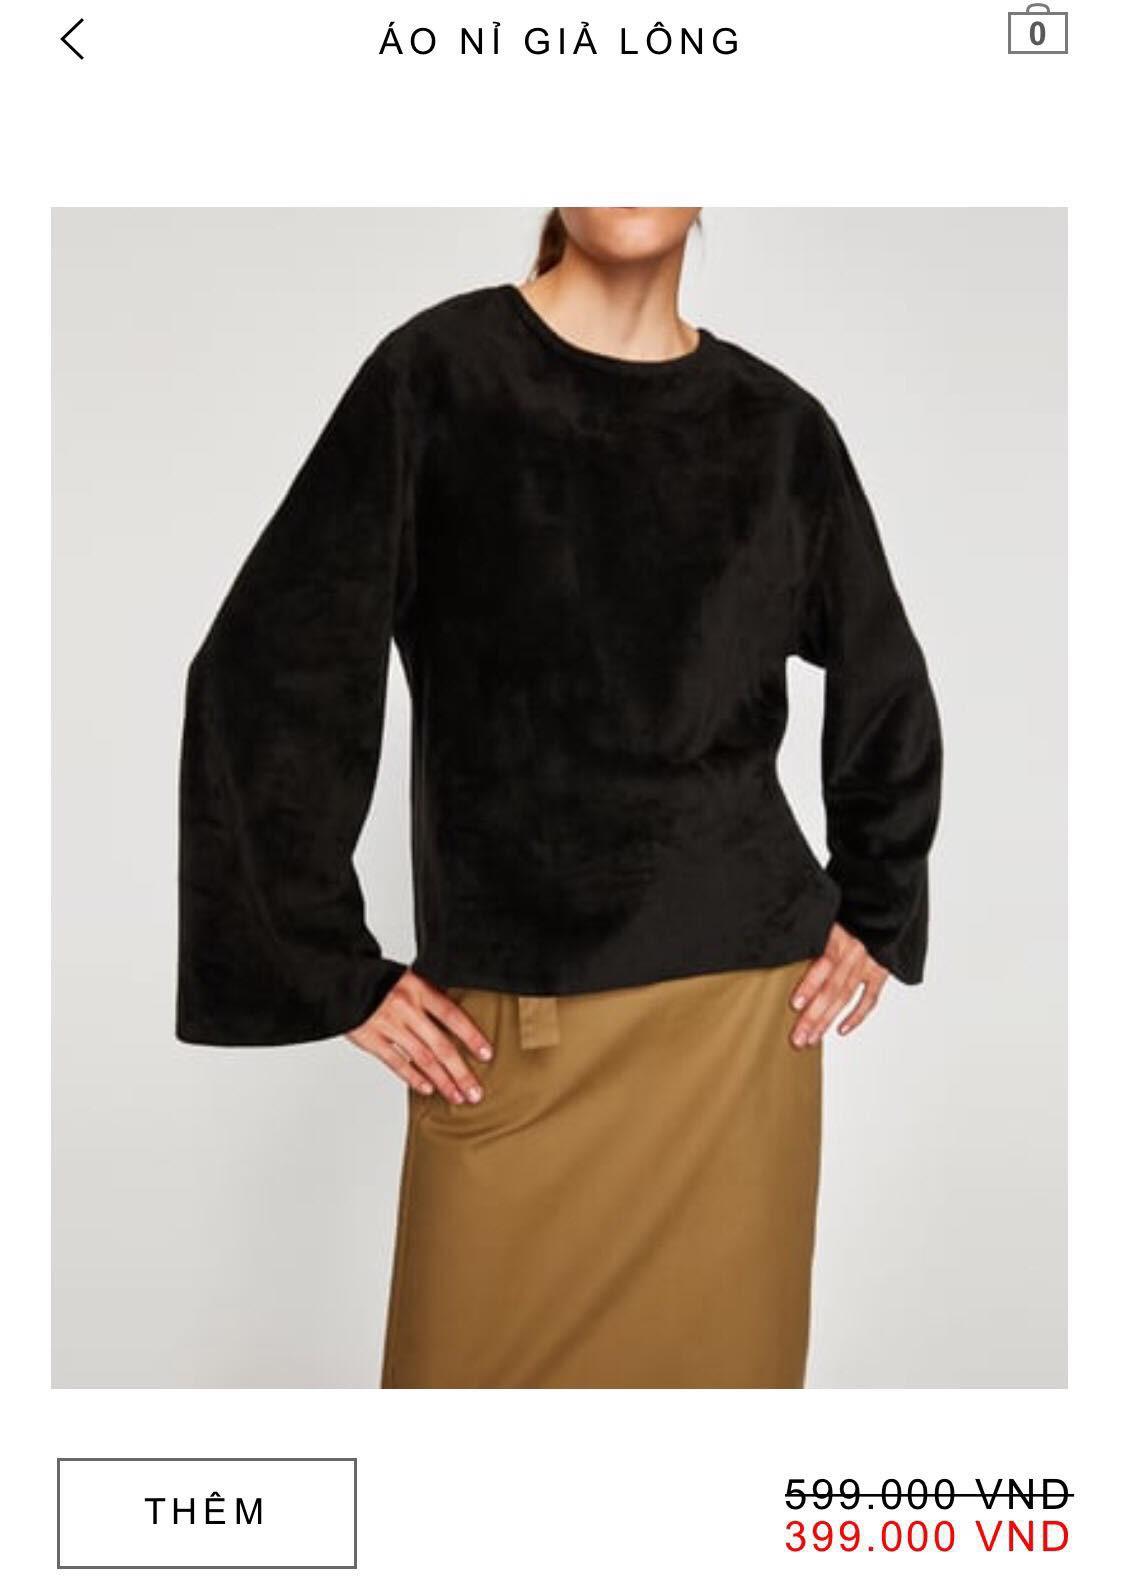 14 mẫu áo len, áo nỉ dưới 500.000 VNĐ xinh xắn, trendy đáng sắm nhất đợt sale này của Zara - Ảnh 13.